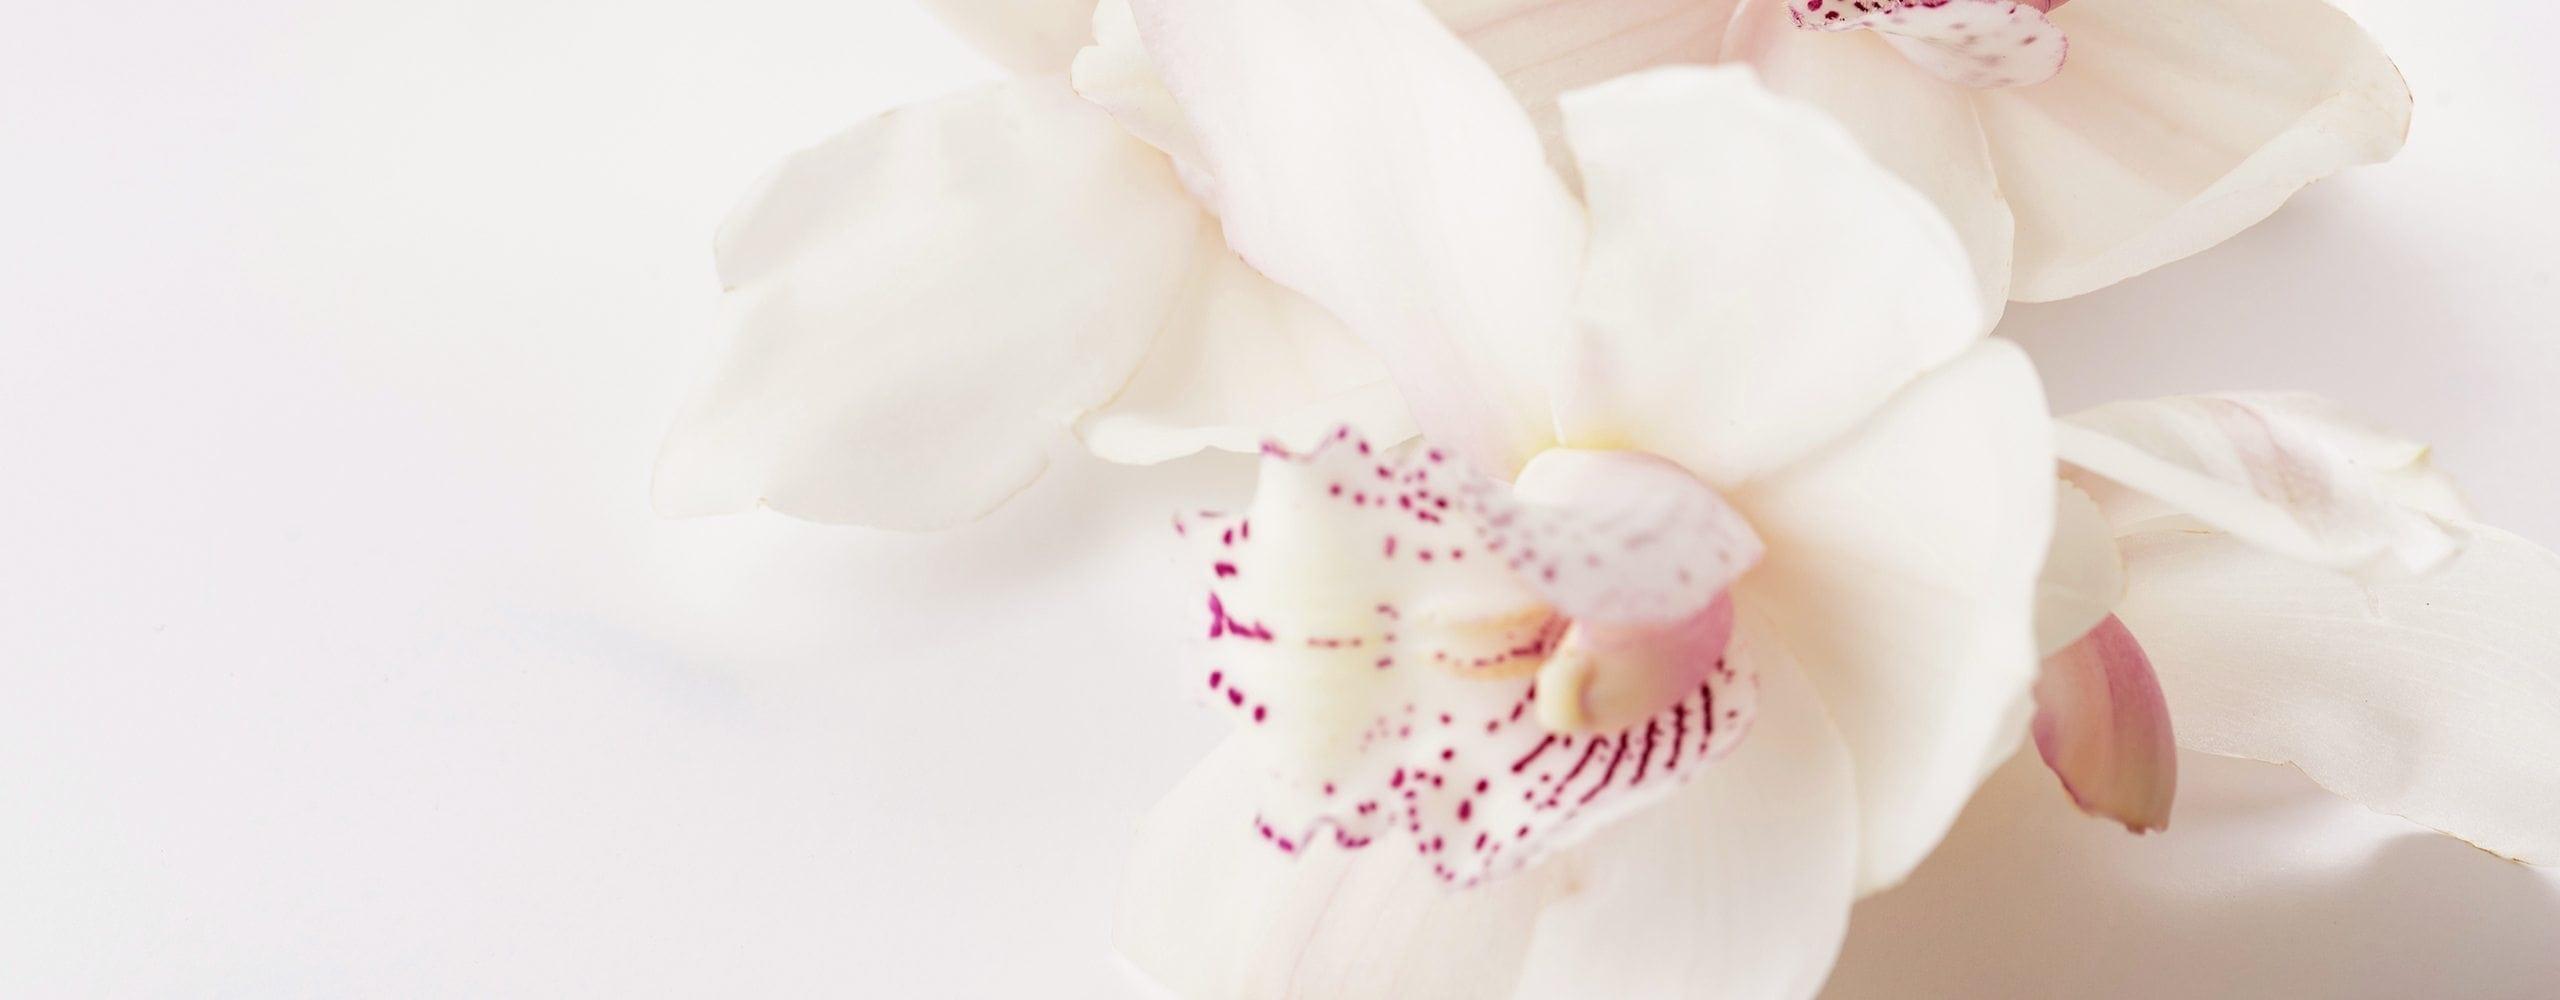 Precious Petals Florists Services